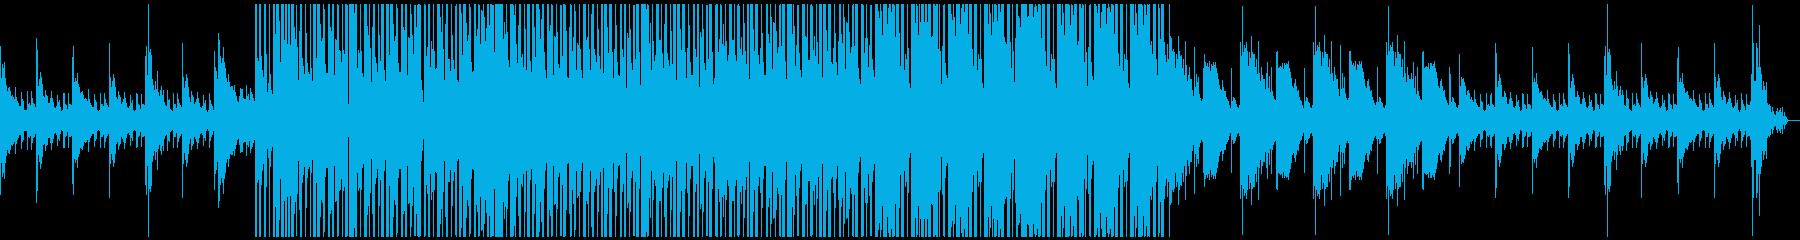 ローファイっぽい曲を目指しましたの再生済みの波形